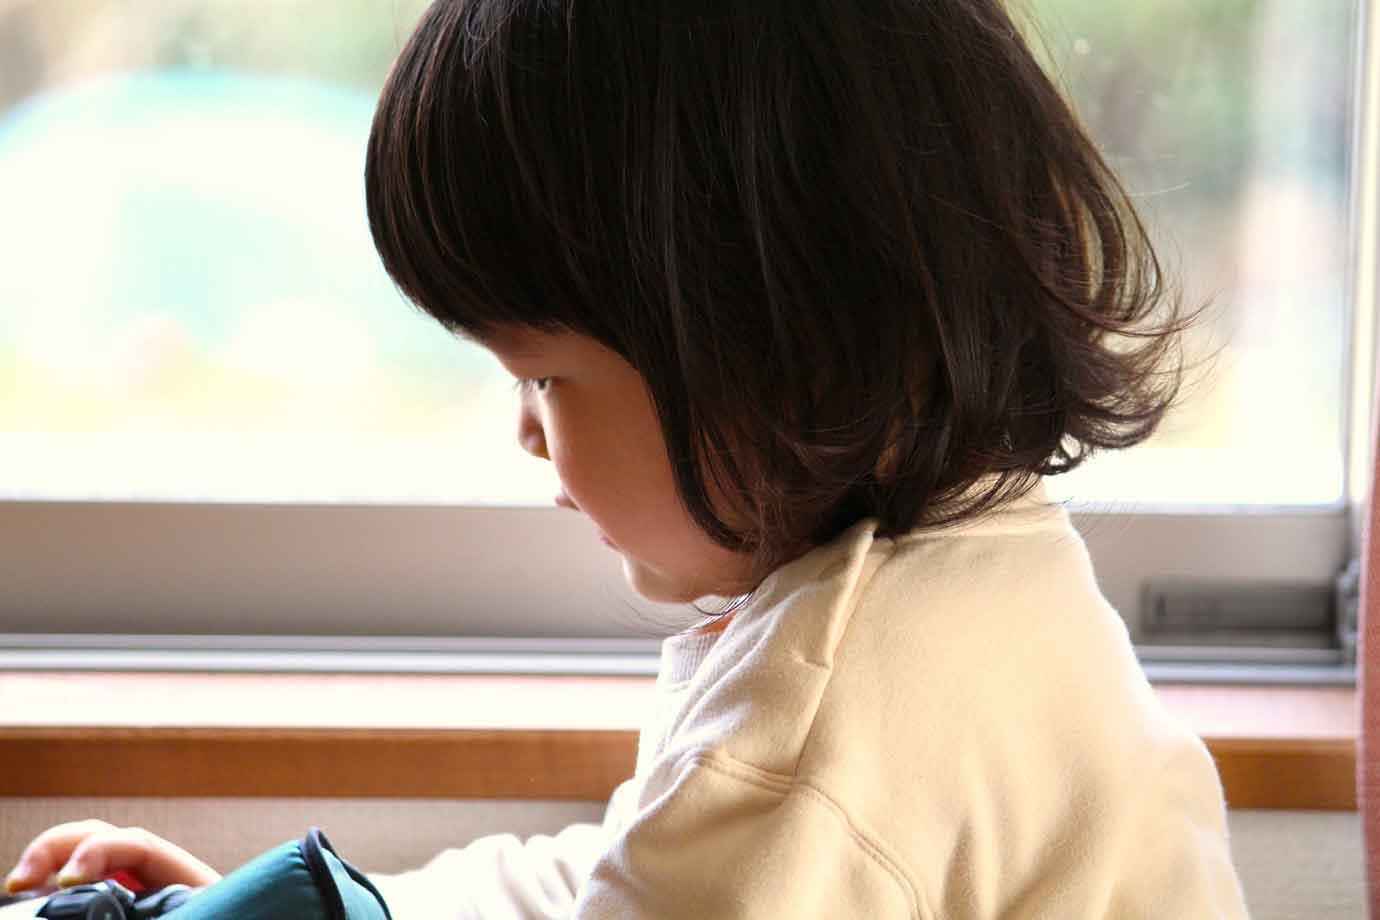 人前でつい、子供のことを謙遜したり、自虐的なネタとして扱ったりしていませんか?